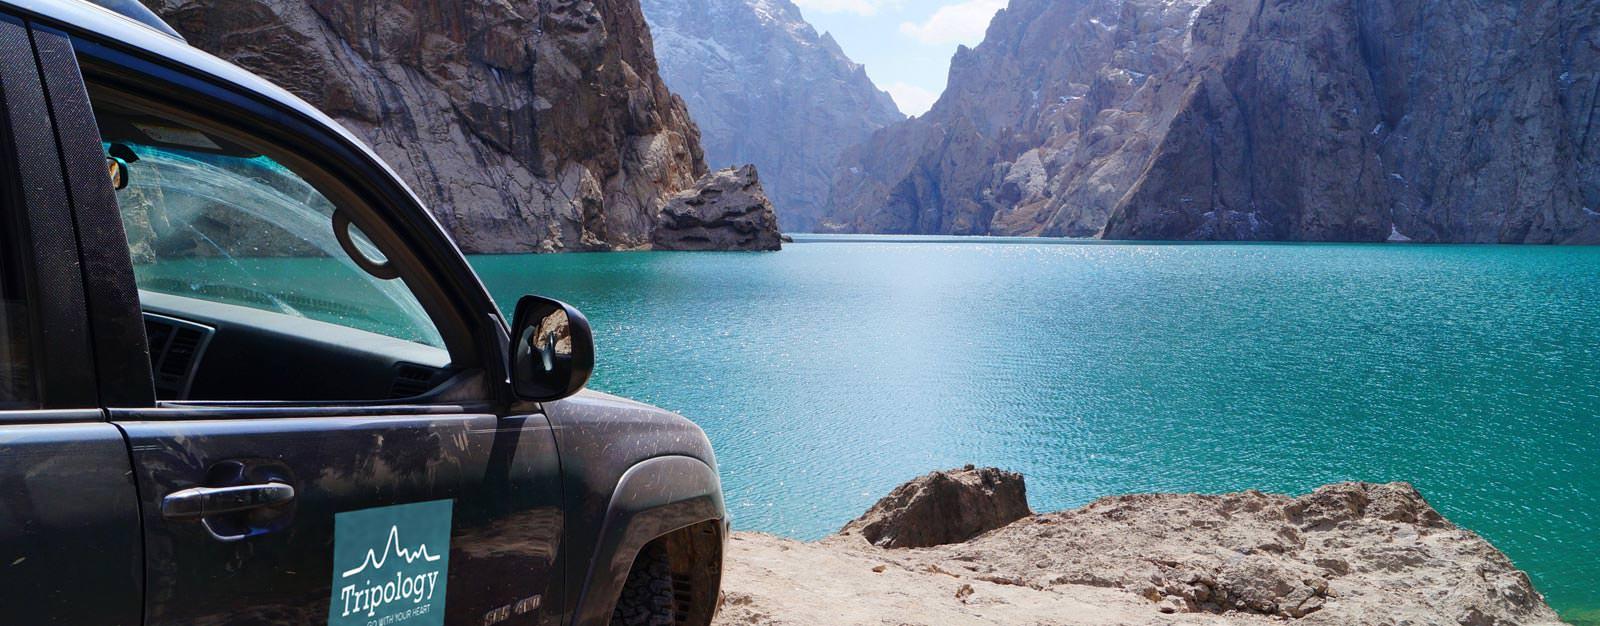 האגם הנעלם - קירגיזסטן